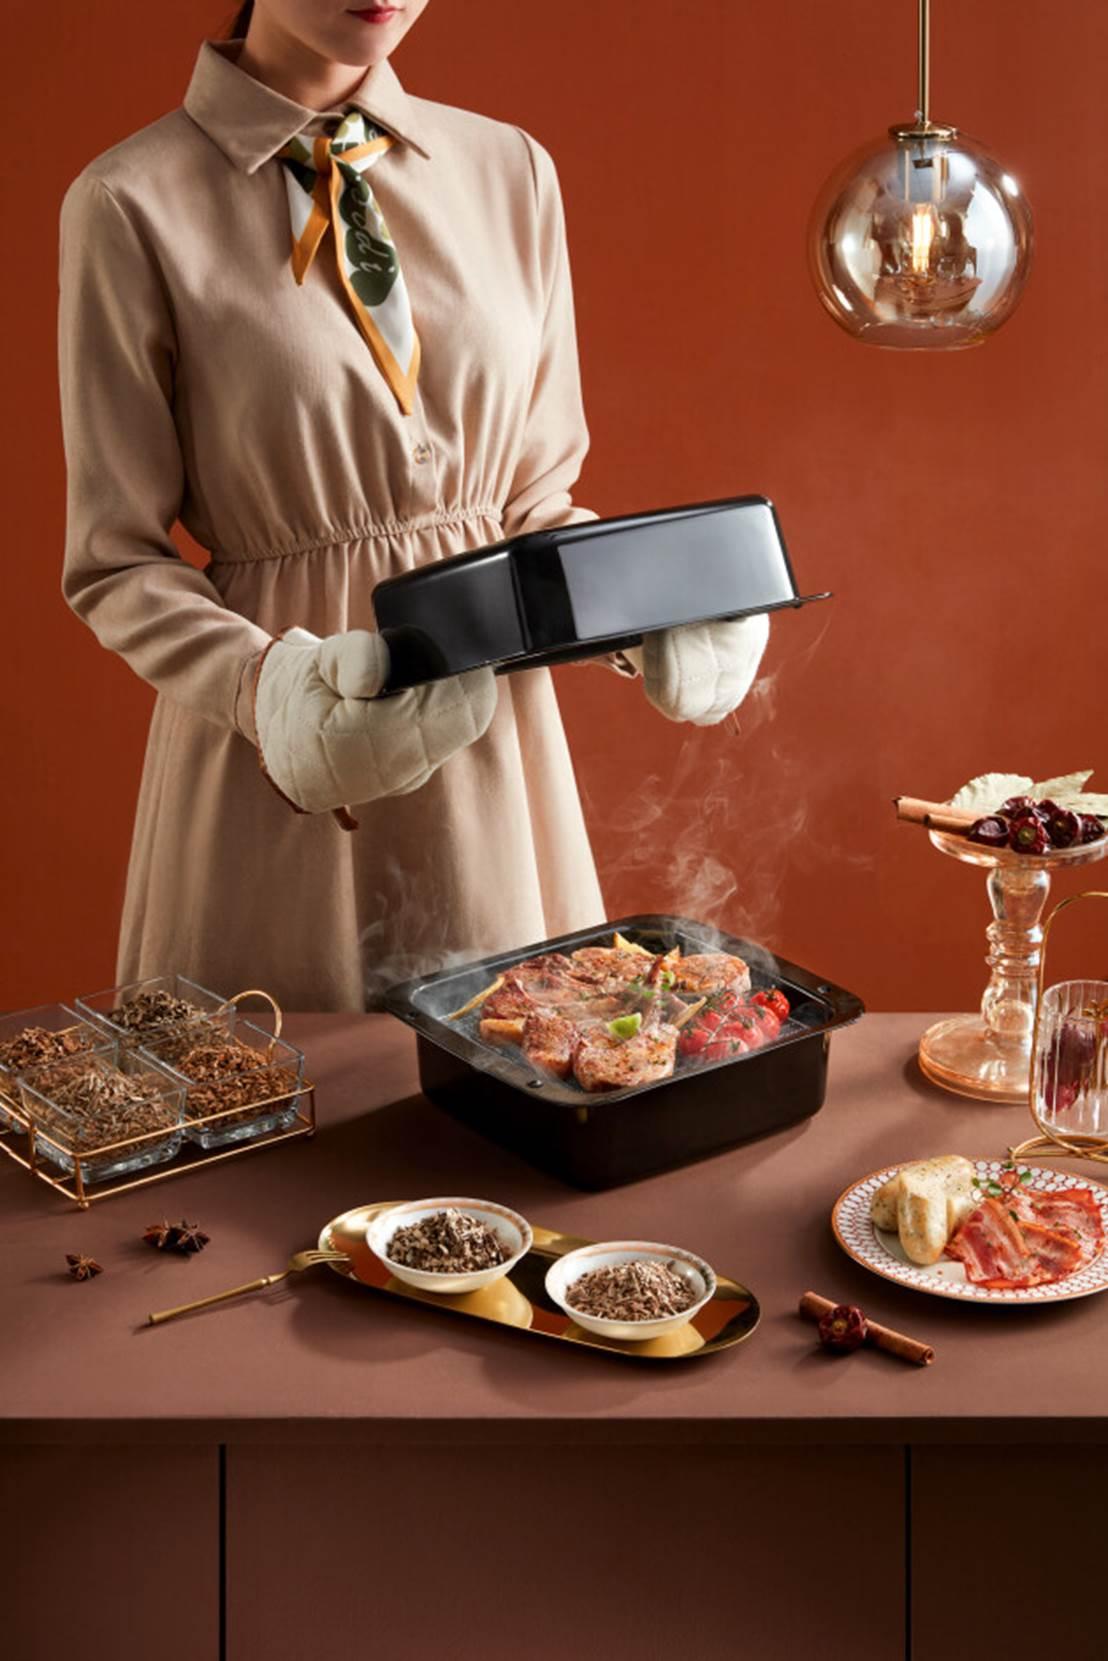 人在厨房里做食物  中度可信度描述已自动生成